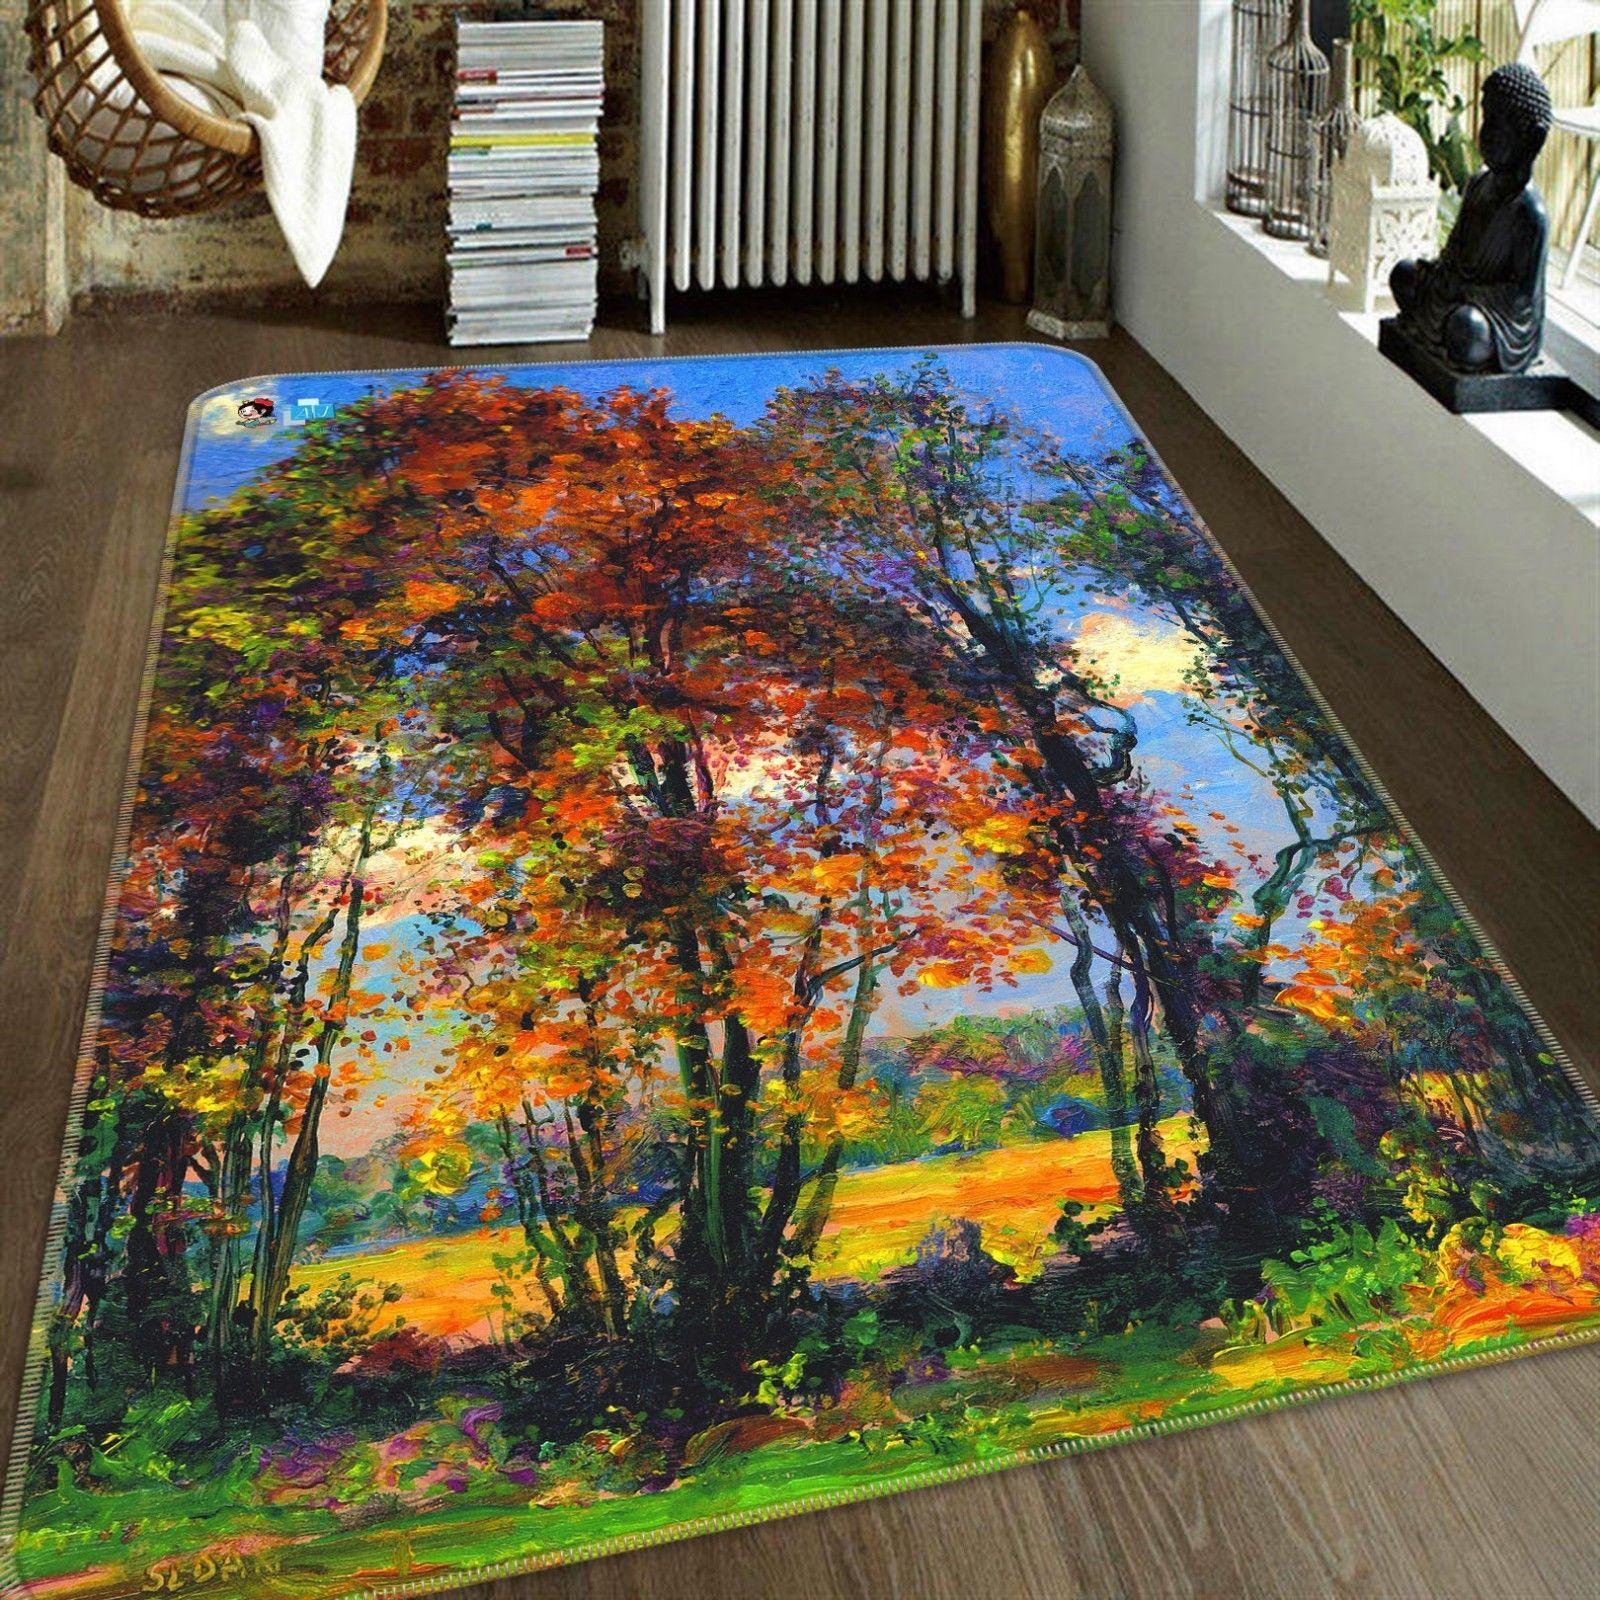 3D Forest Sunny 05 Non Slip Rug Mat Room Mat Quality Elegant Carpet UK Cobb - $106.68 - $409.82